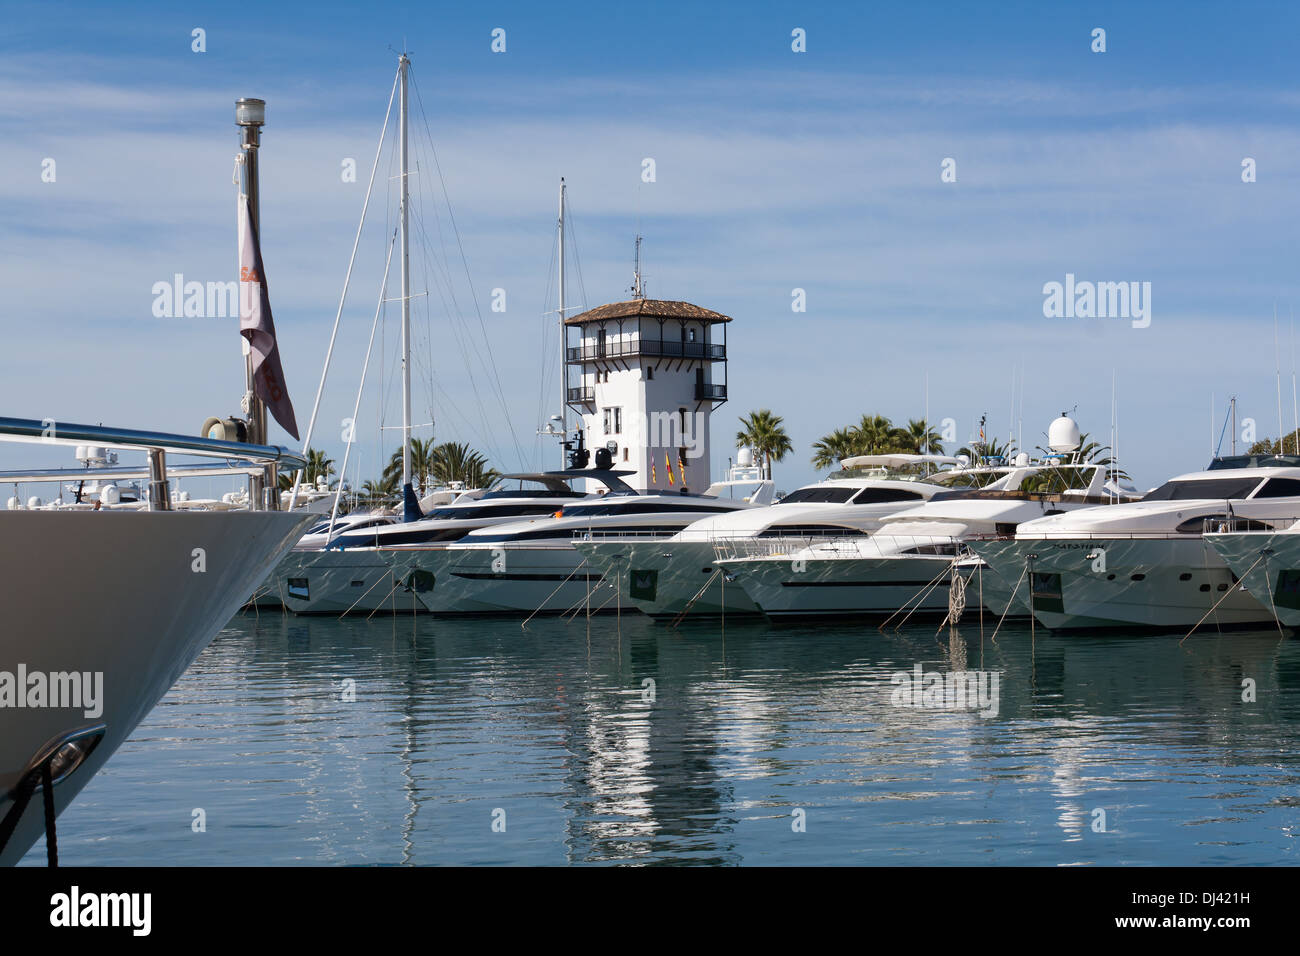 Overlooking the harbor of Puerto Portals - Stock Image